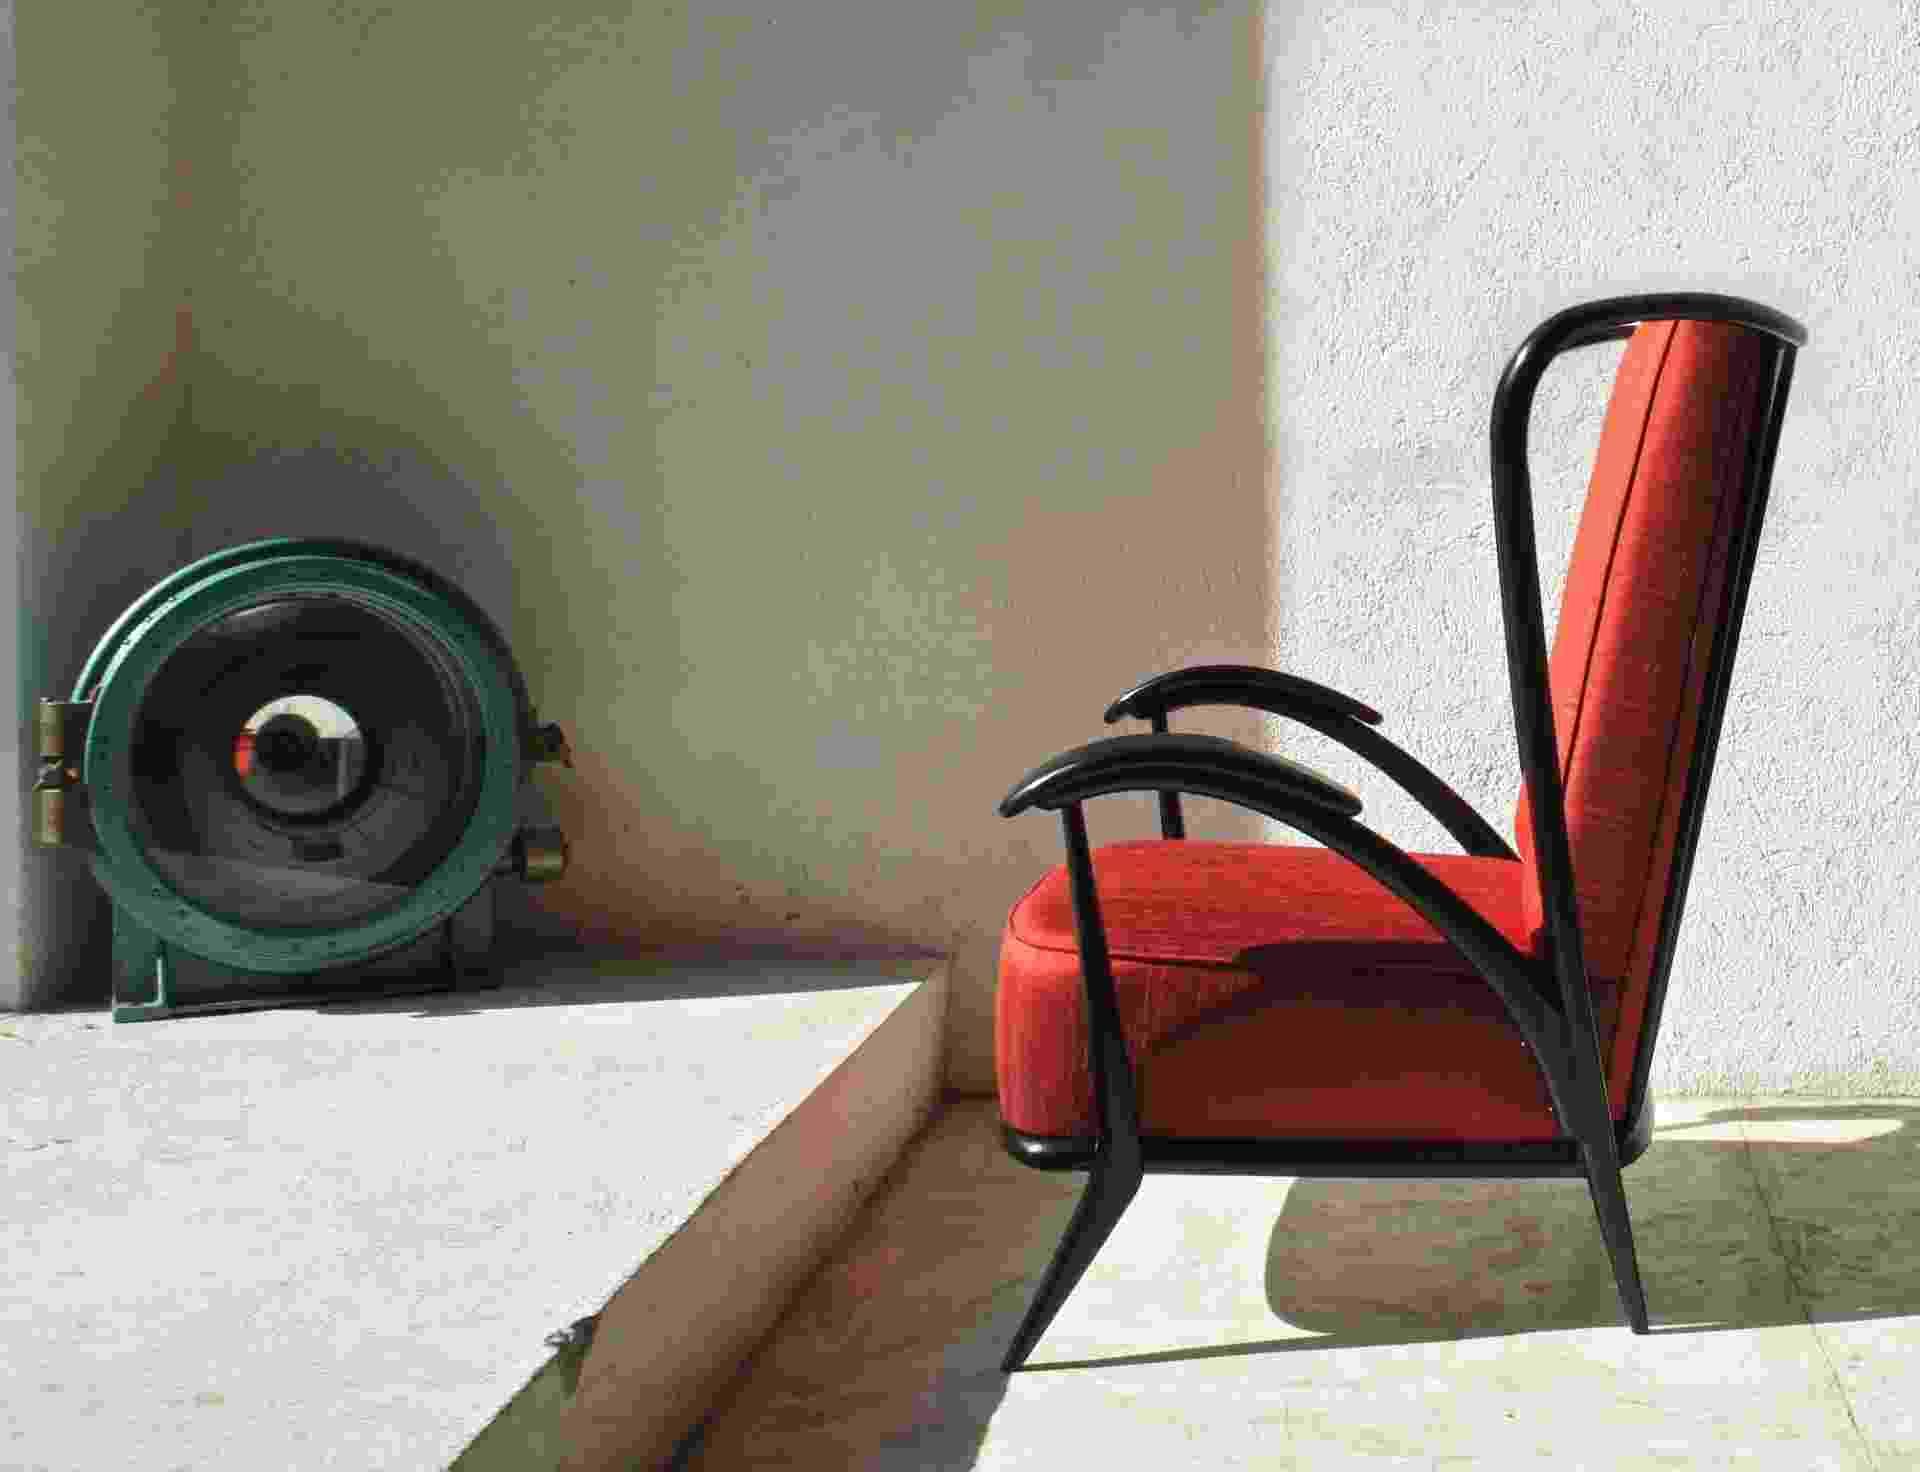 """Giuseppe Scapinelli desenvolve em 1954 uma releitura das famosas """"bergères"""". O móvel ebanizado tem espaldar alto e é esculpido em madeira. O estofamento foi feito com seda vermelha. A imagem foi reproduzida no livro """"Giuseppe Scapinelli 1950: o Designer da Emoção"""" e fez parte da edição nº 10, da revista Casa e Jardim (1954) - Divulgação"""